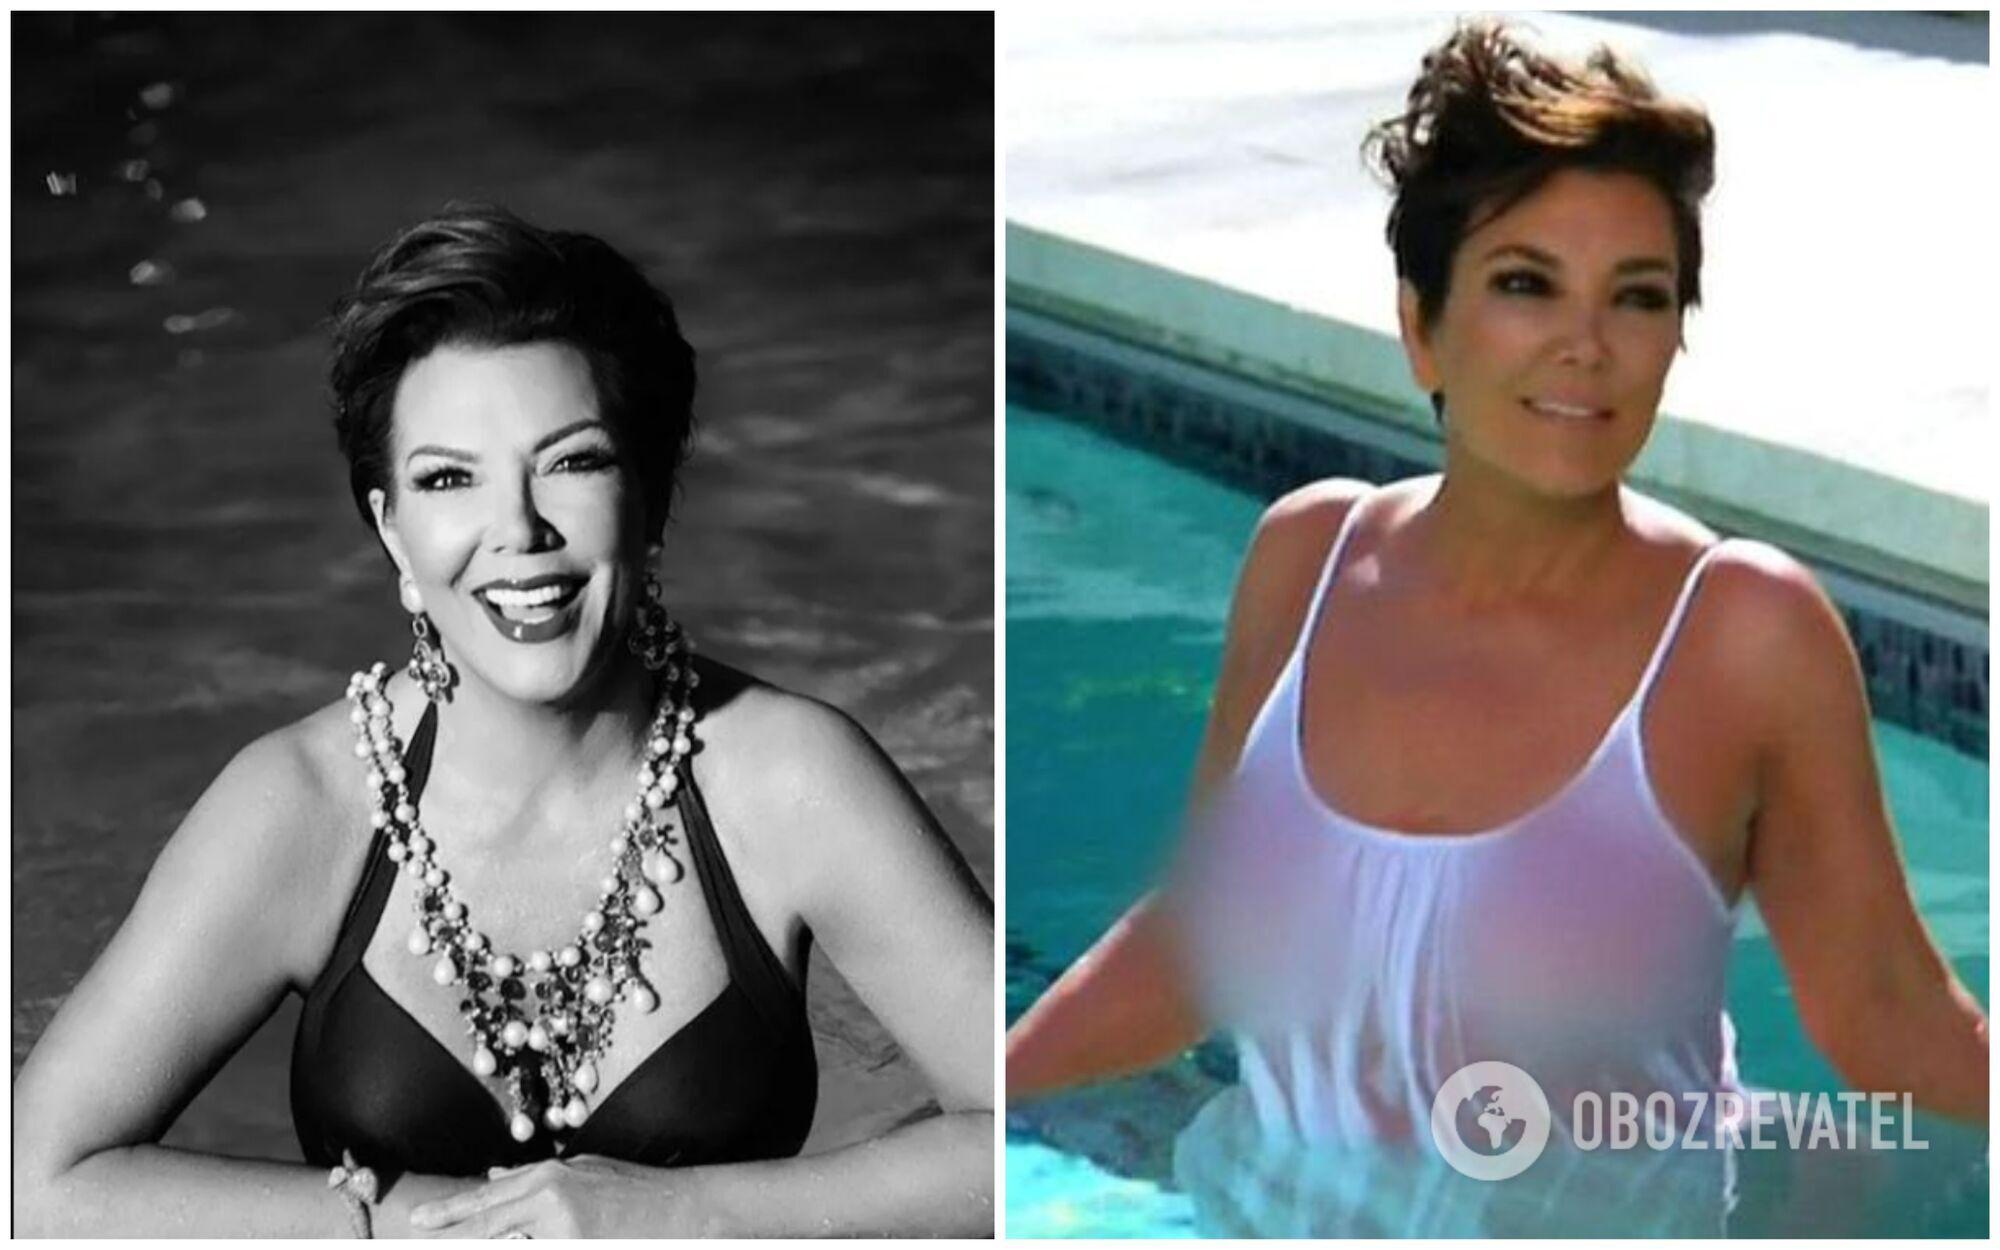 В останні роки Кріс Дженнер нерідко позує для фото в своєму розкішному басейні в купальниках